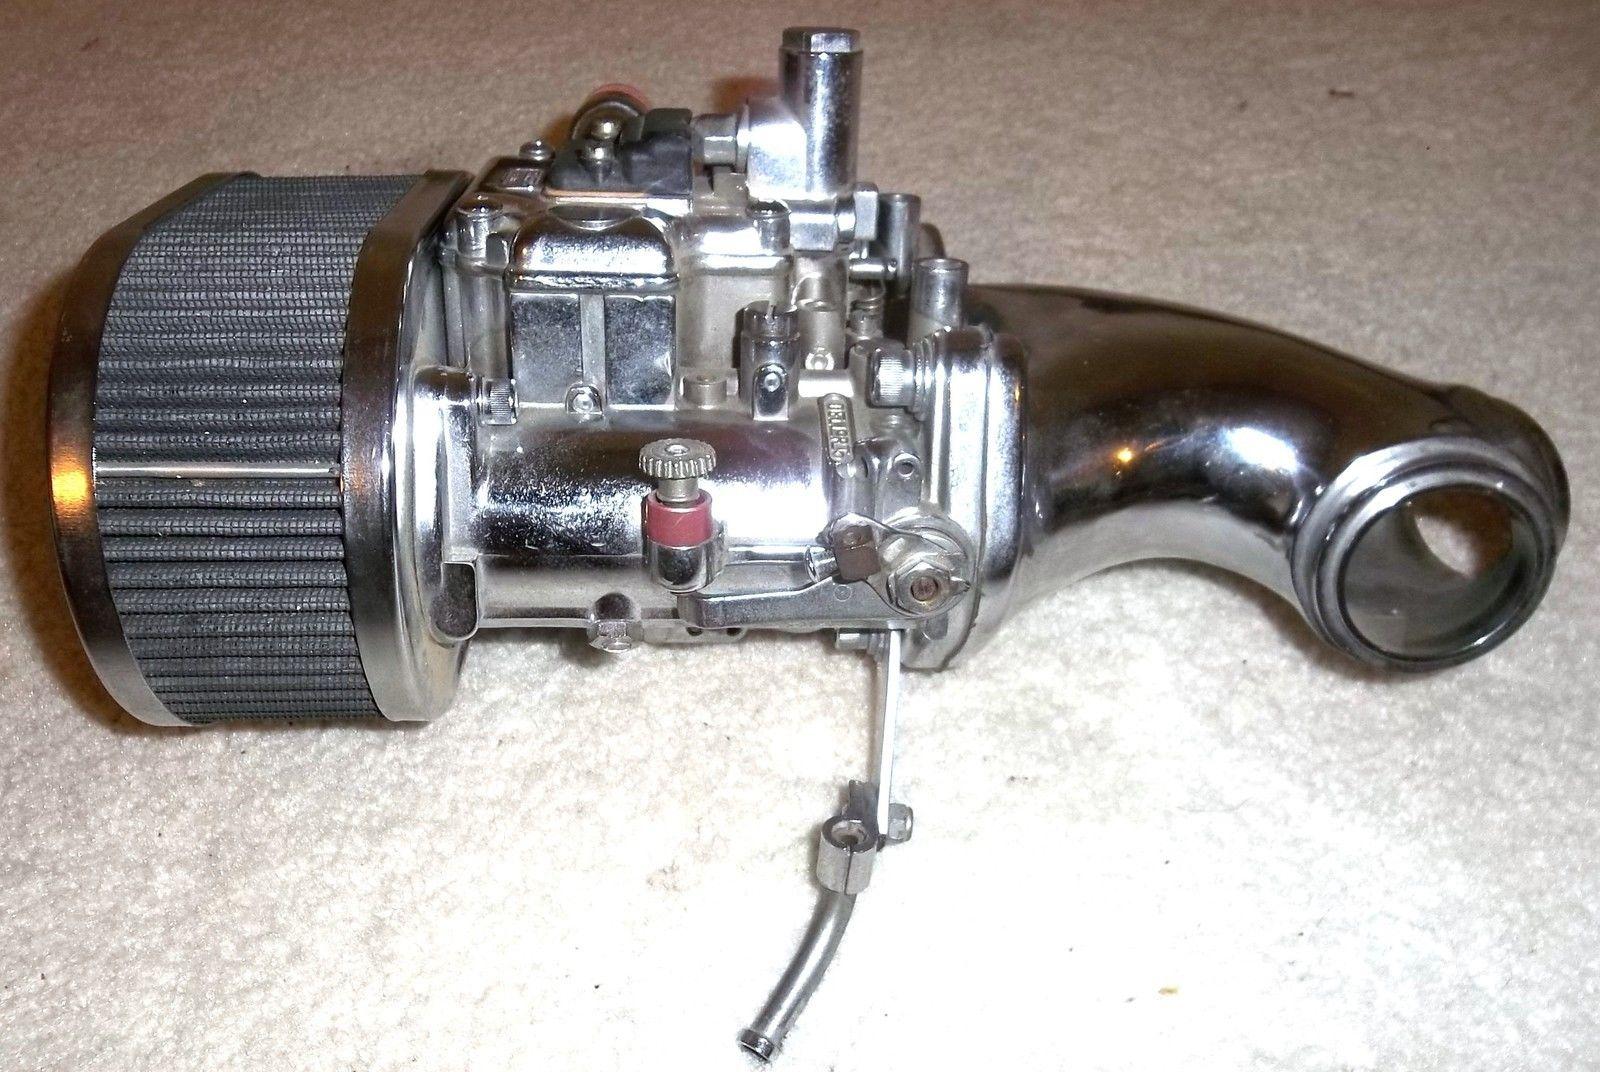 Digger Chopper DUAL THROAT DELLORTO CARBURETOR Ironhead Shovelhead